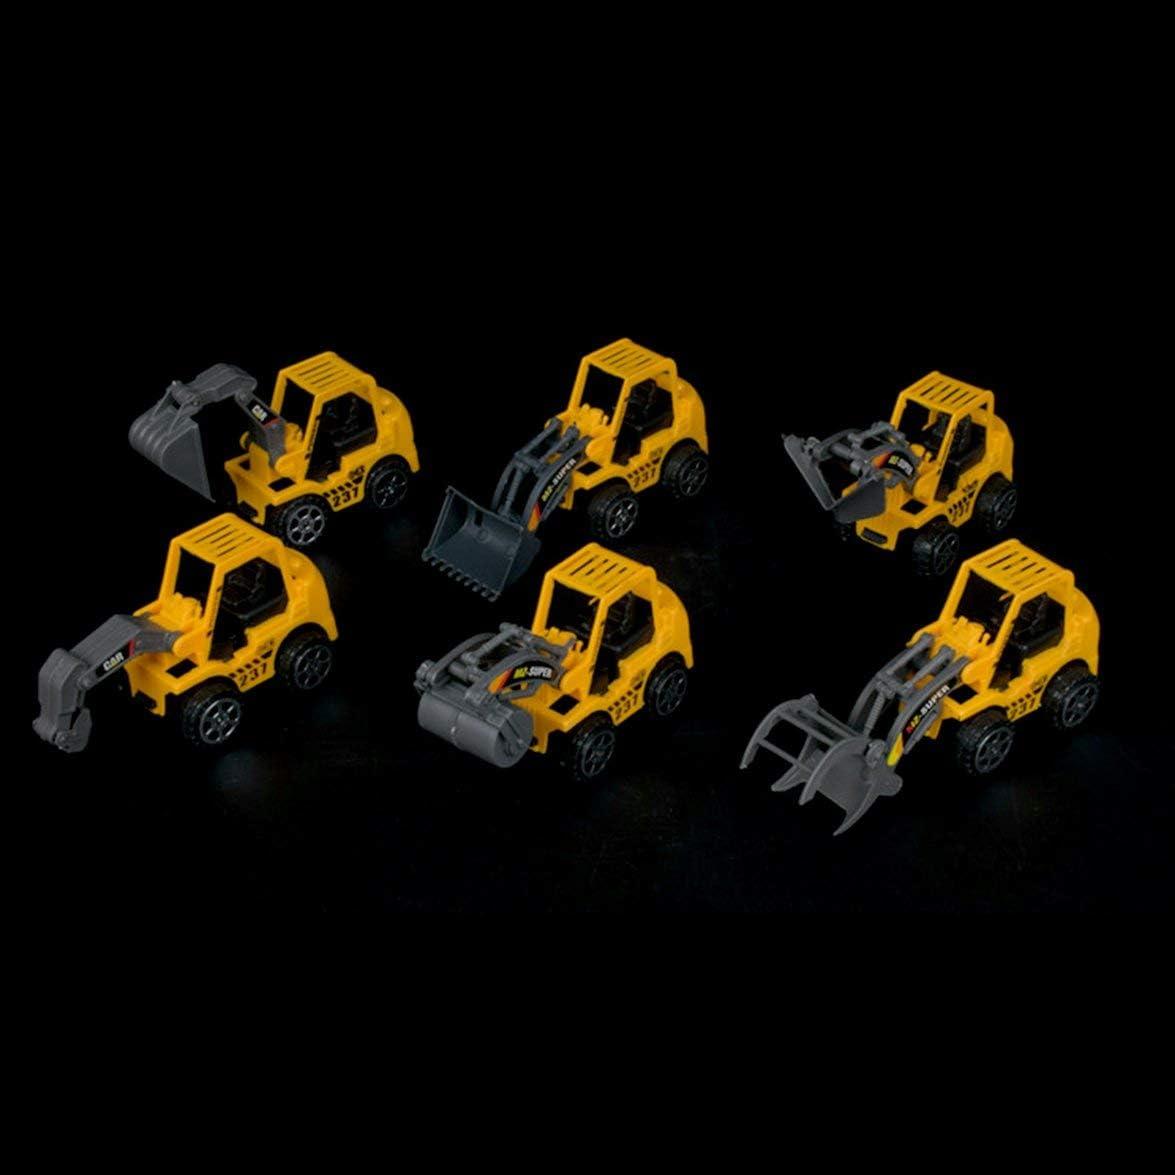 Logicstring Modelo de Juguete para ni/ños Excavadora de veh/ículos de ingenier/ía Regalo para ni/ños Ni/ños Ni/ñas